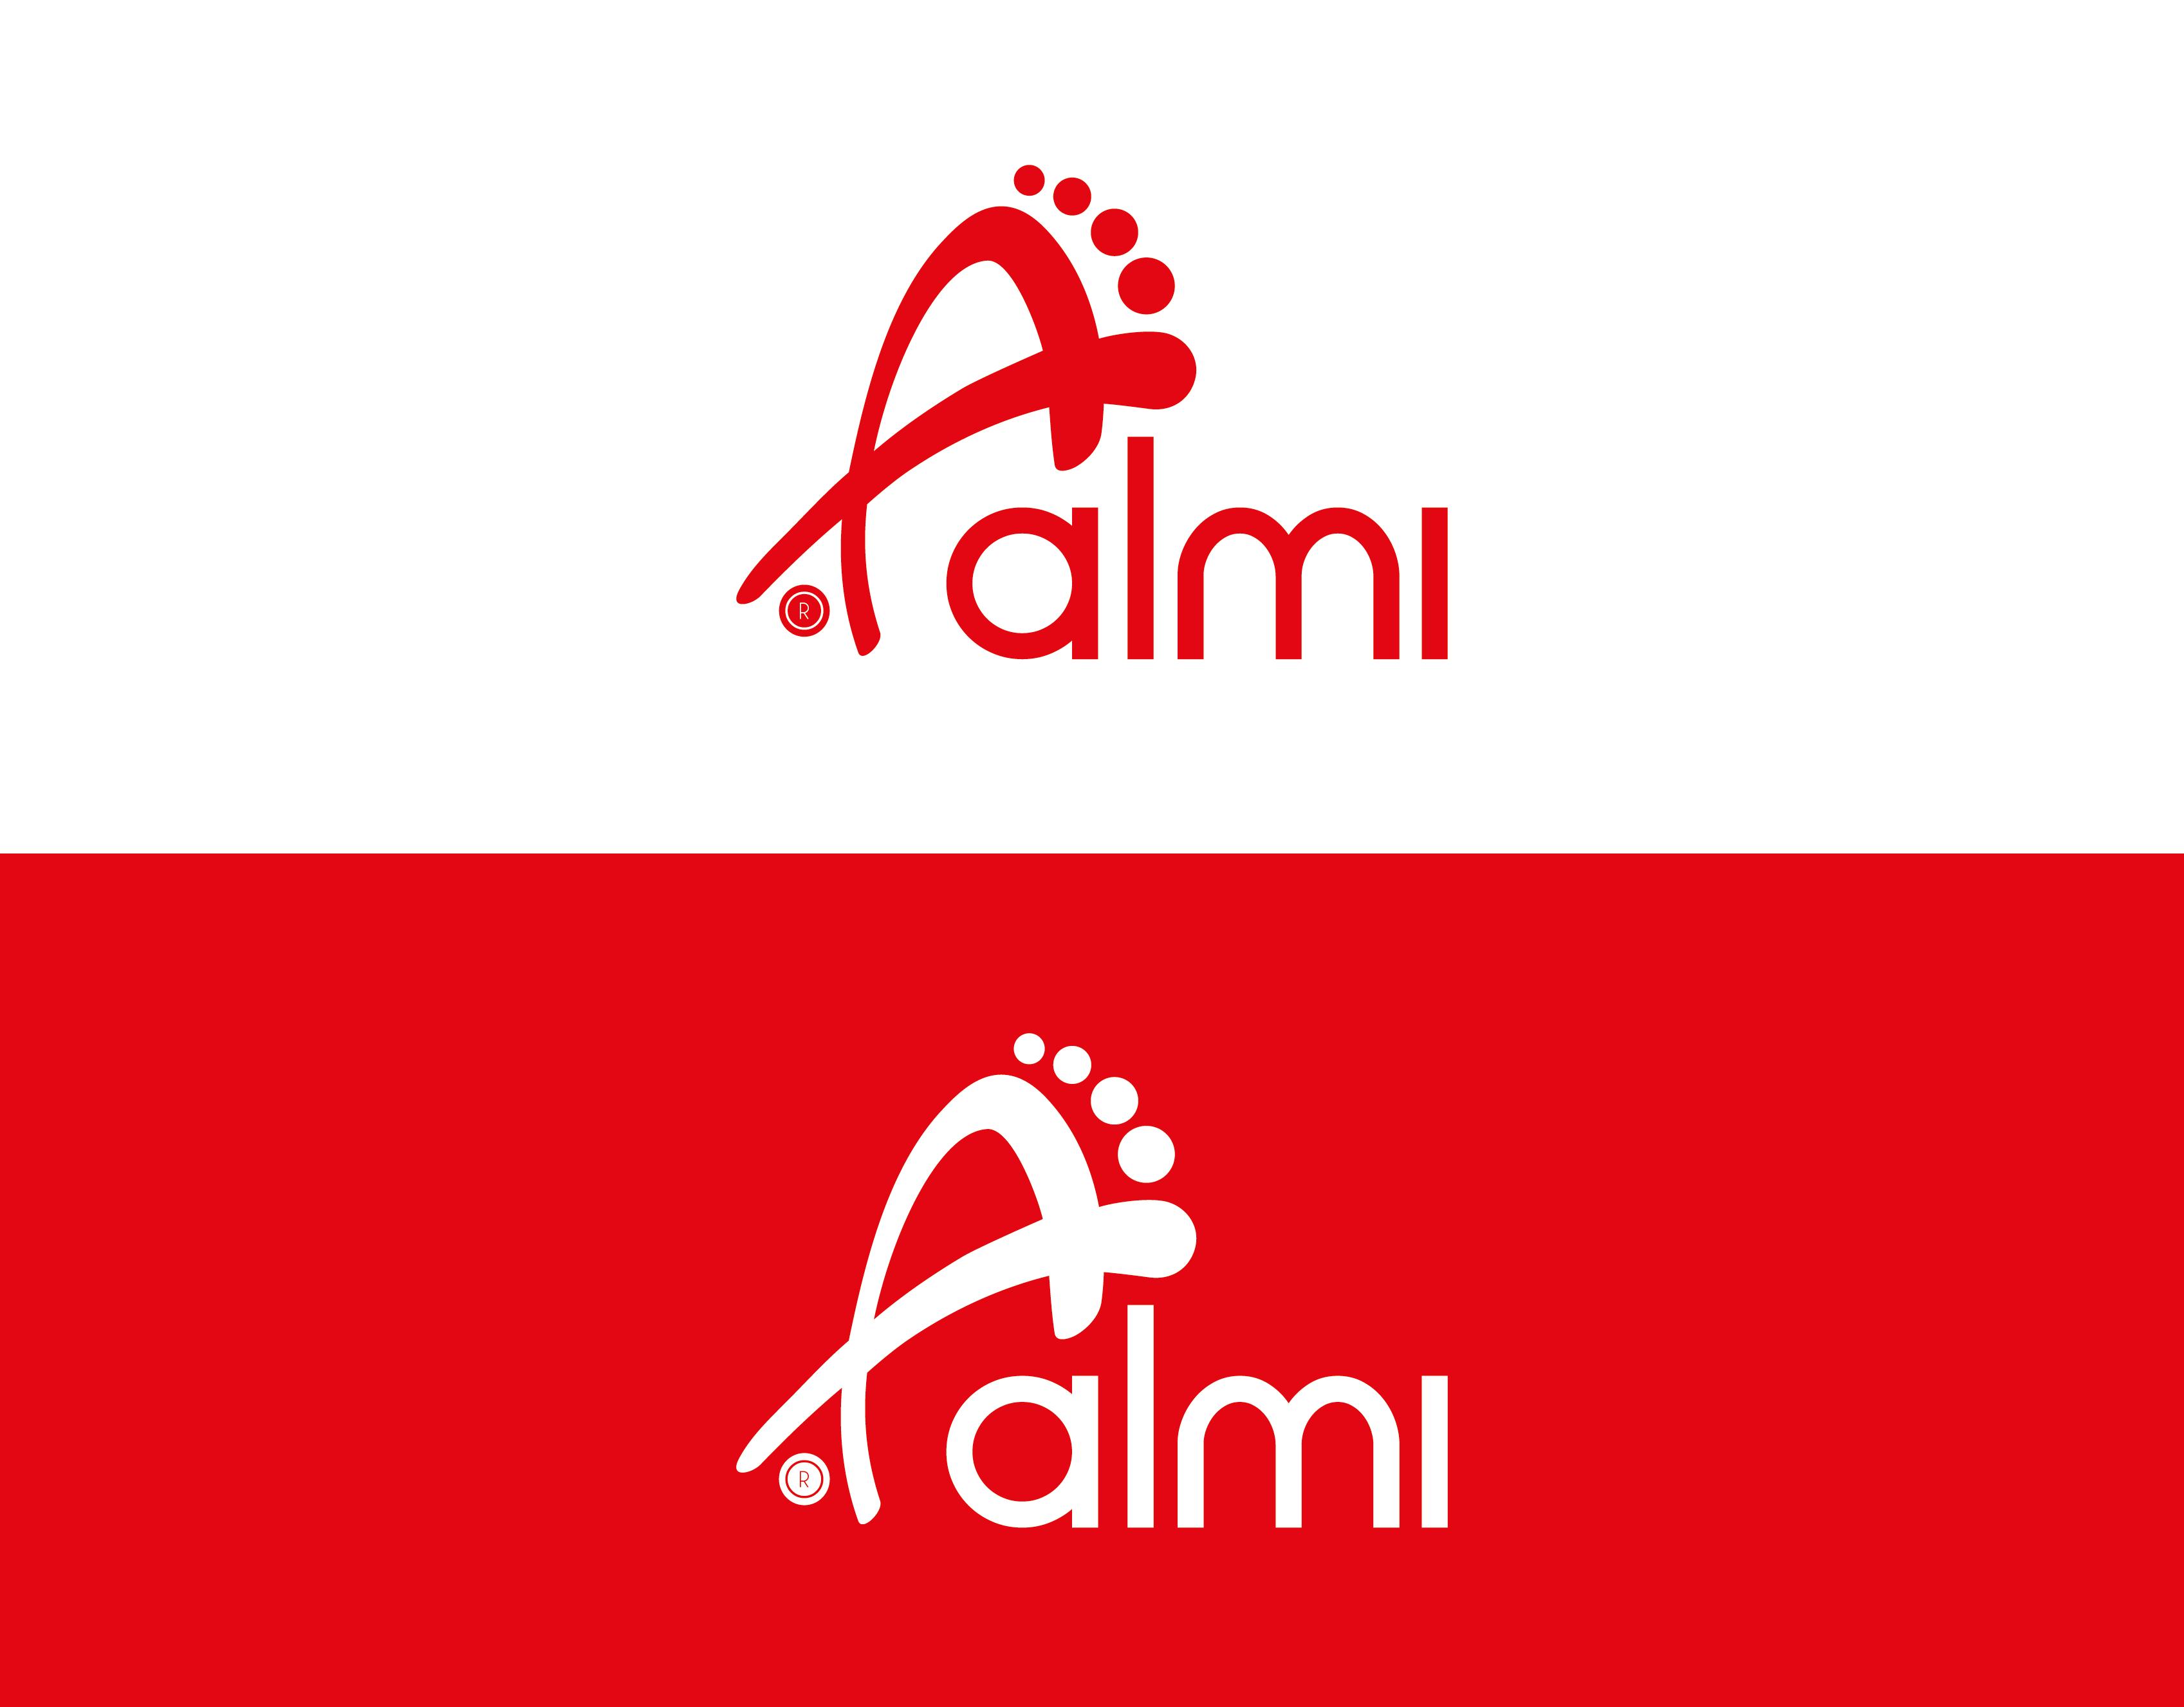 Дизайн логотипа обувной марки Алми фото f_83559fa0da64e62f.png